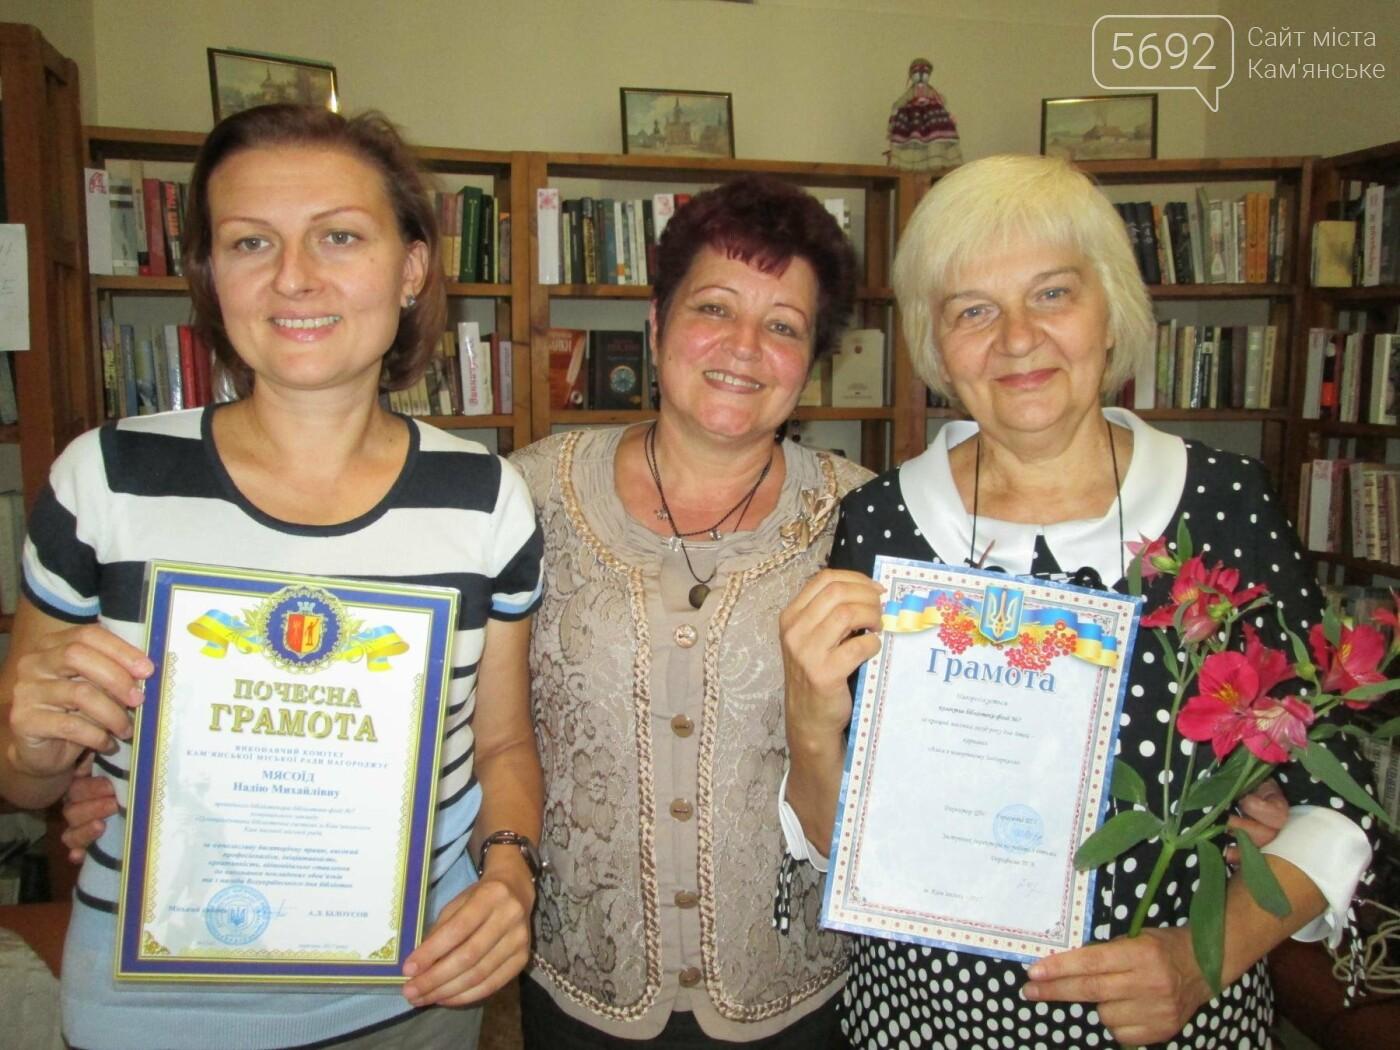 Библиотекари Каменского отметили свой профессиональный праздник, фото-2